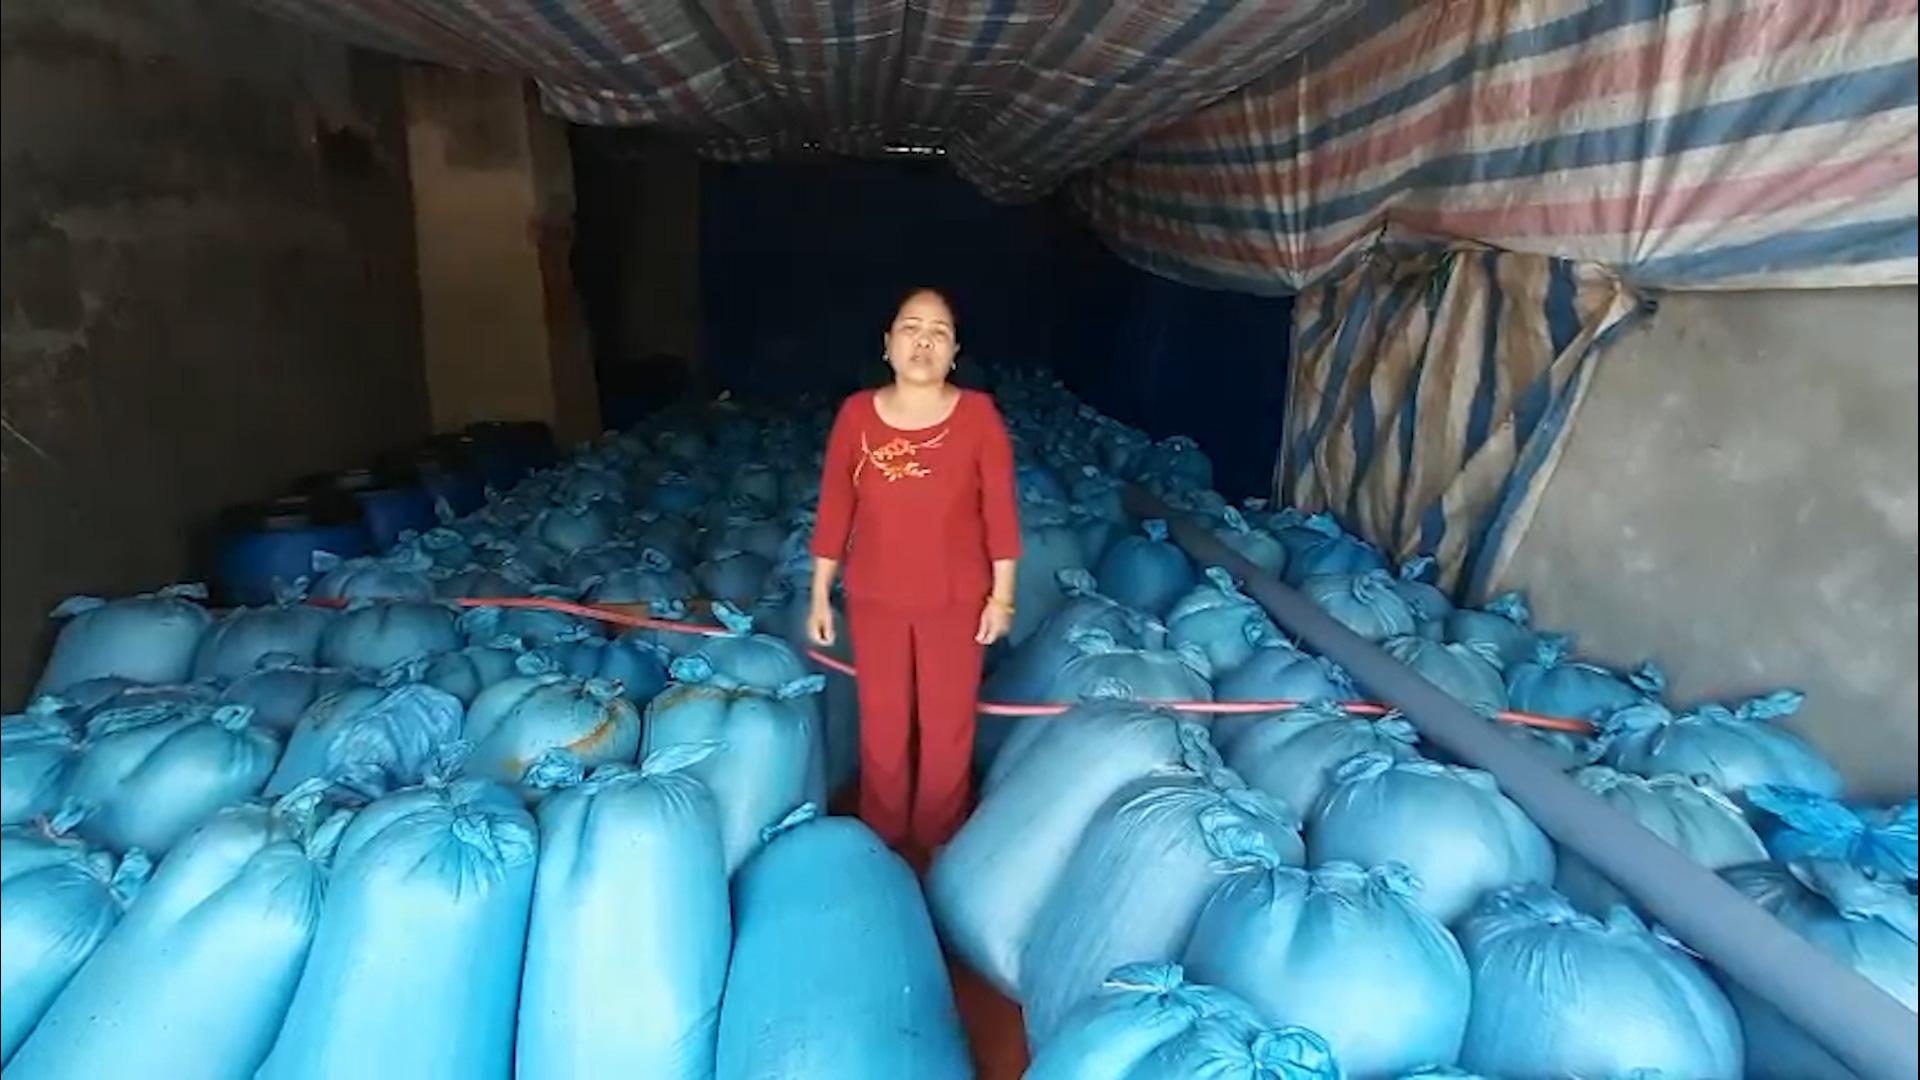 Quảng Trị: Dân kêu than vì phải sống bên hàng trăm tấn hải sản hôi thối suốt 5 năm - Ảnh 4.